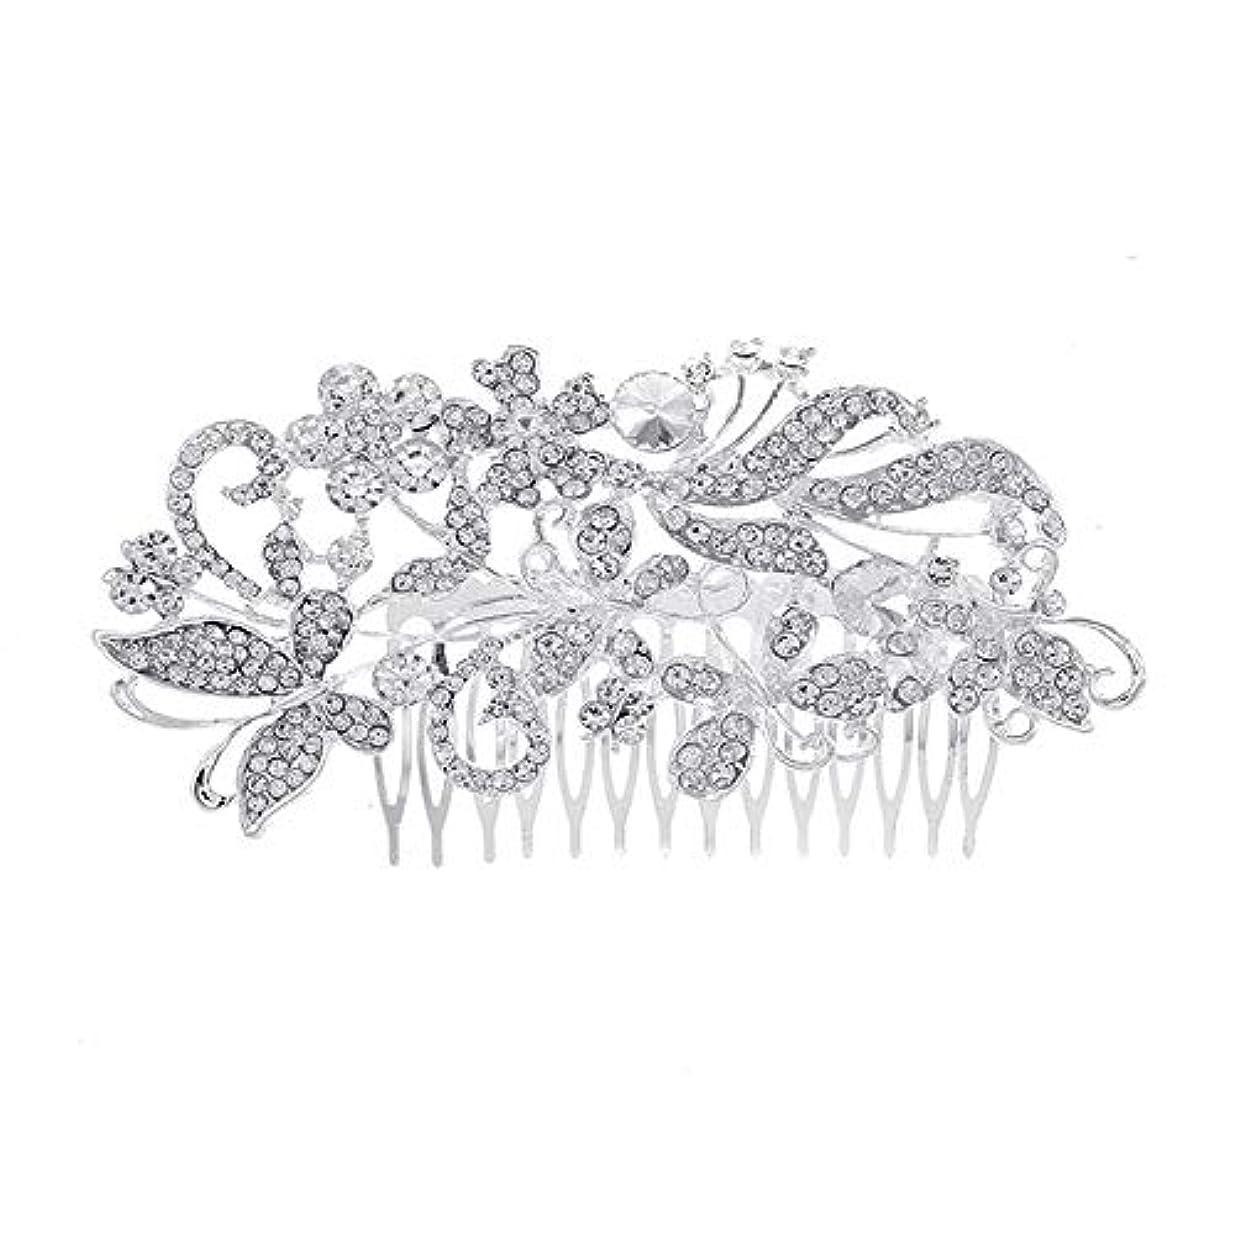 裁判所トレーダー一流髪の櫛、櫛、花嫁の髪の櫛、亜鉛合金、結婚式のアクセサリー、櫛